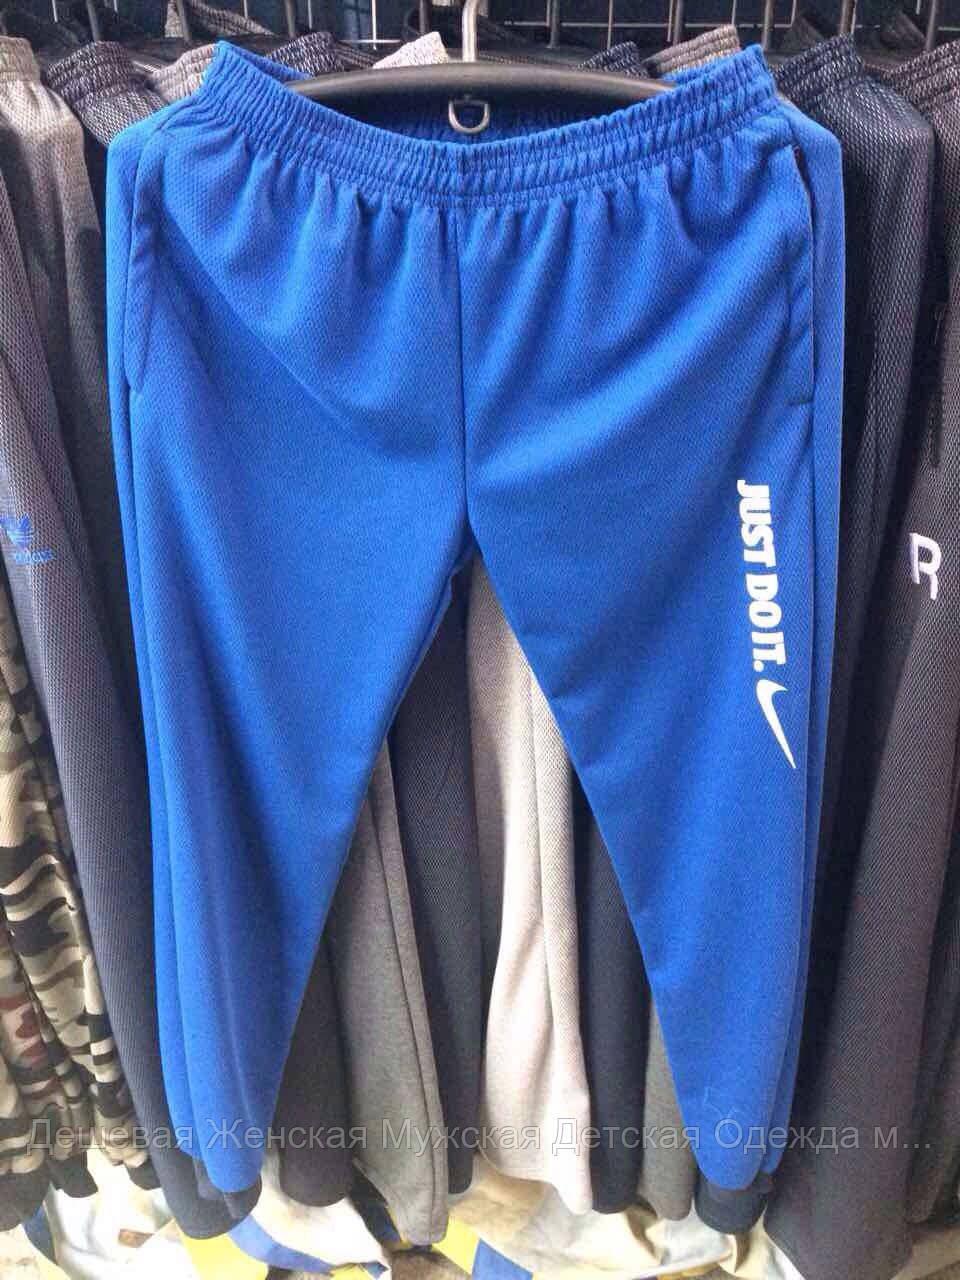 Мужские штаны спортивные